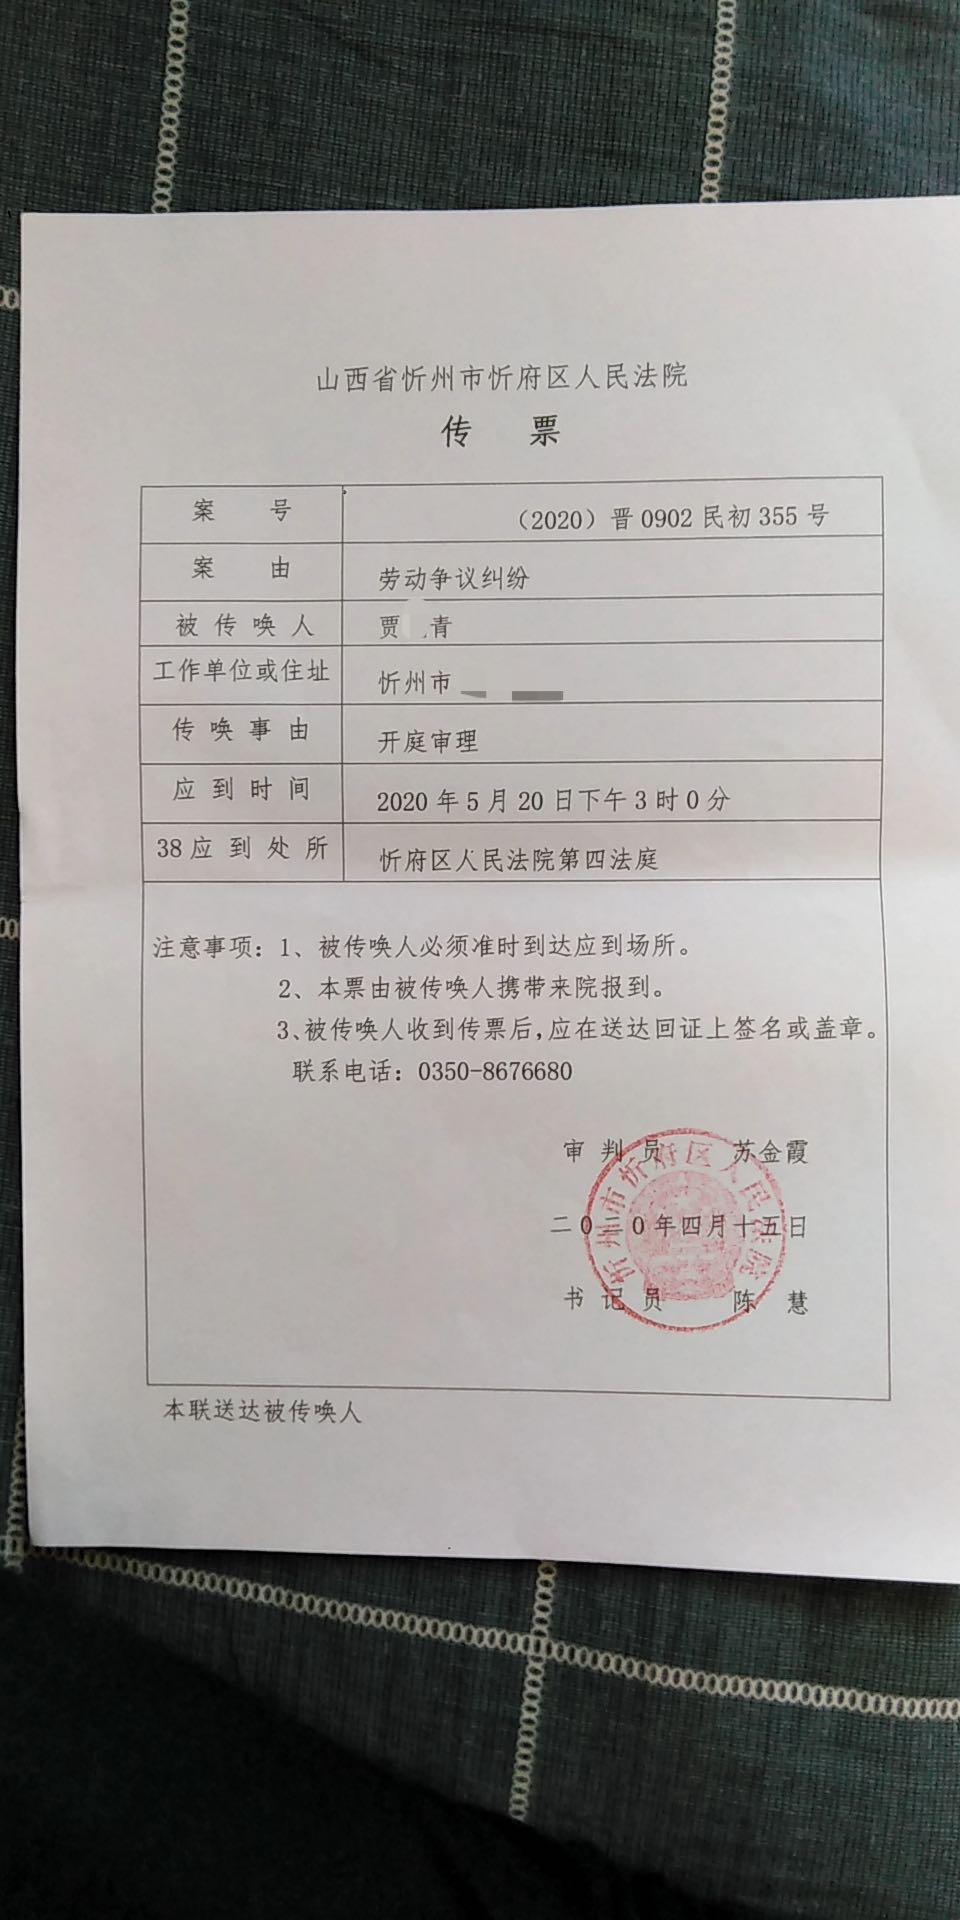 4月17日下午,贾某青收到山西省忻州市忻府区人民法院传票。